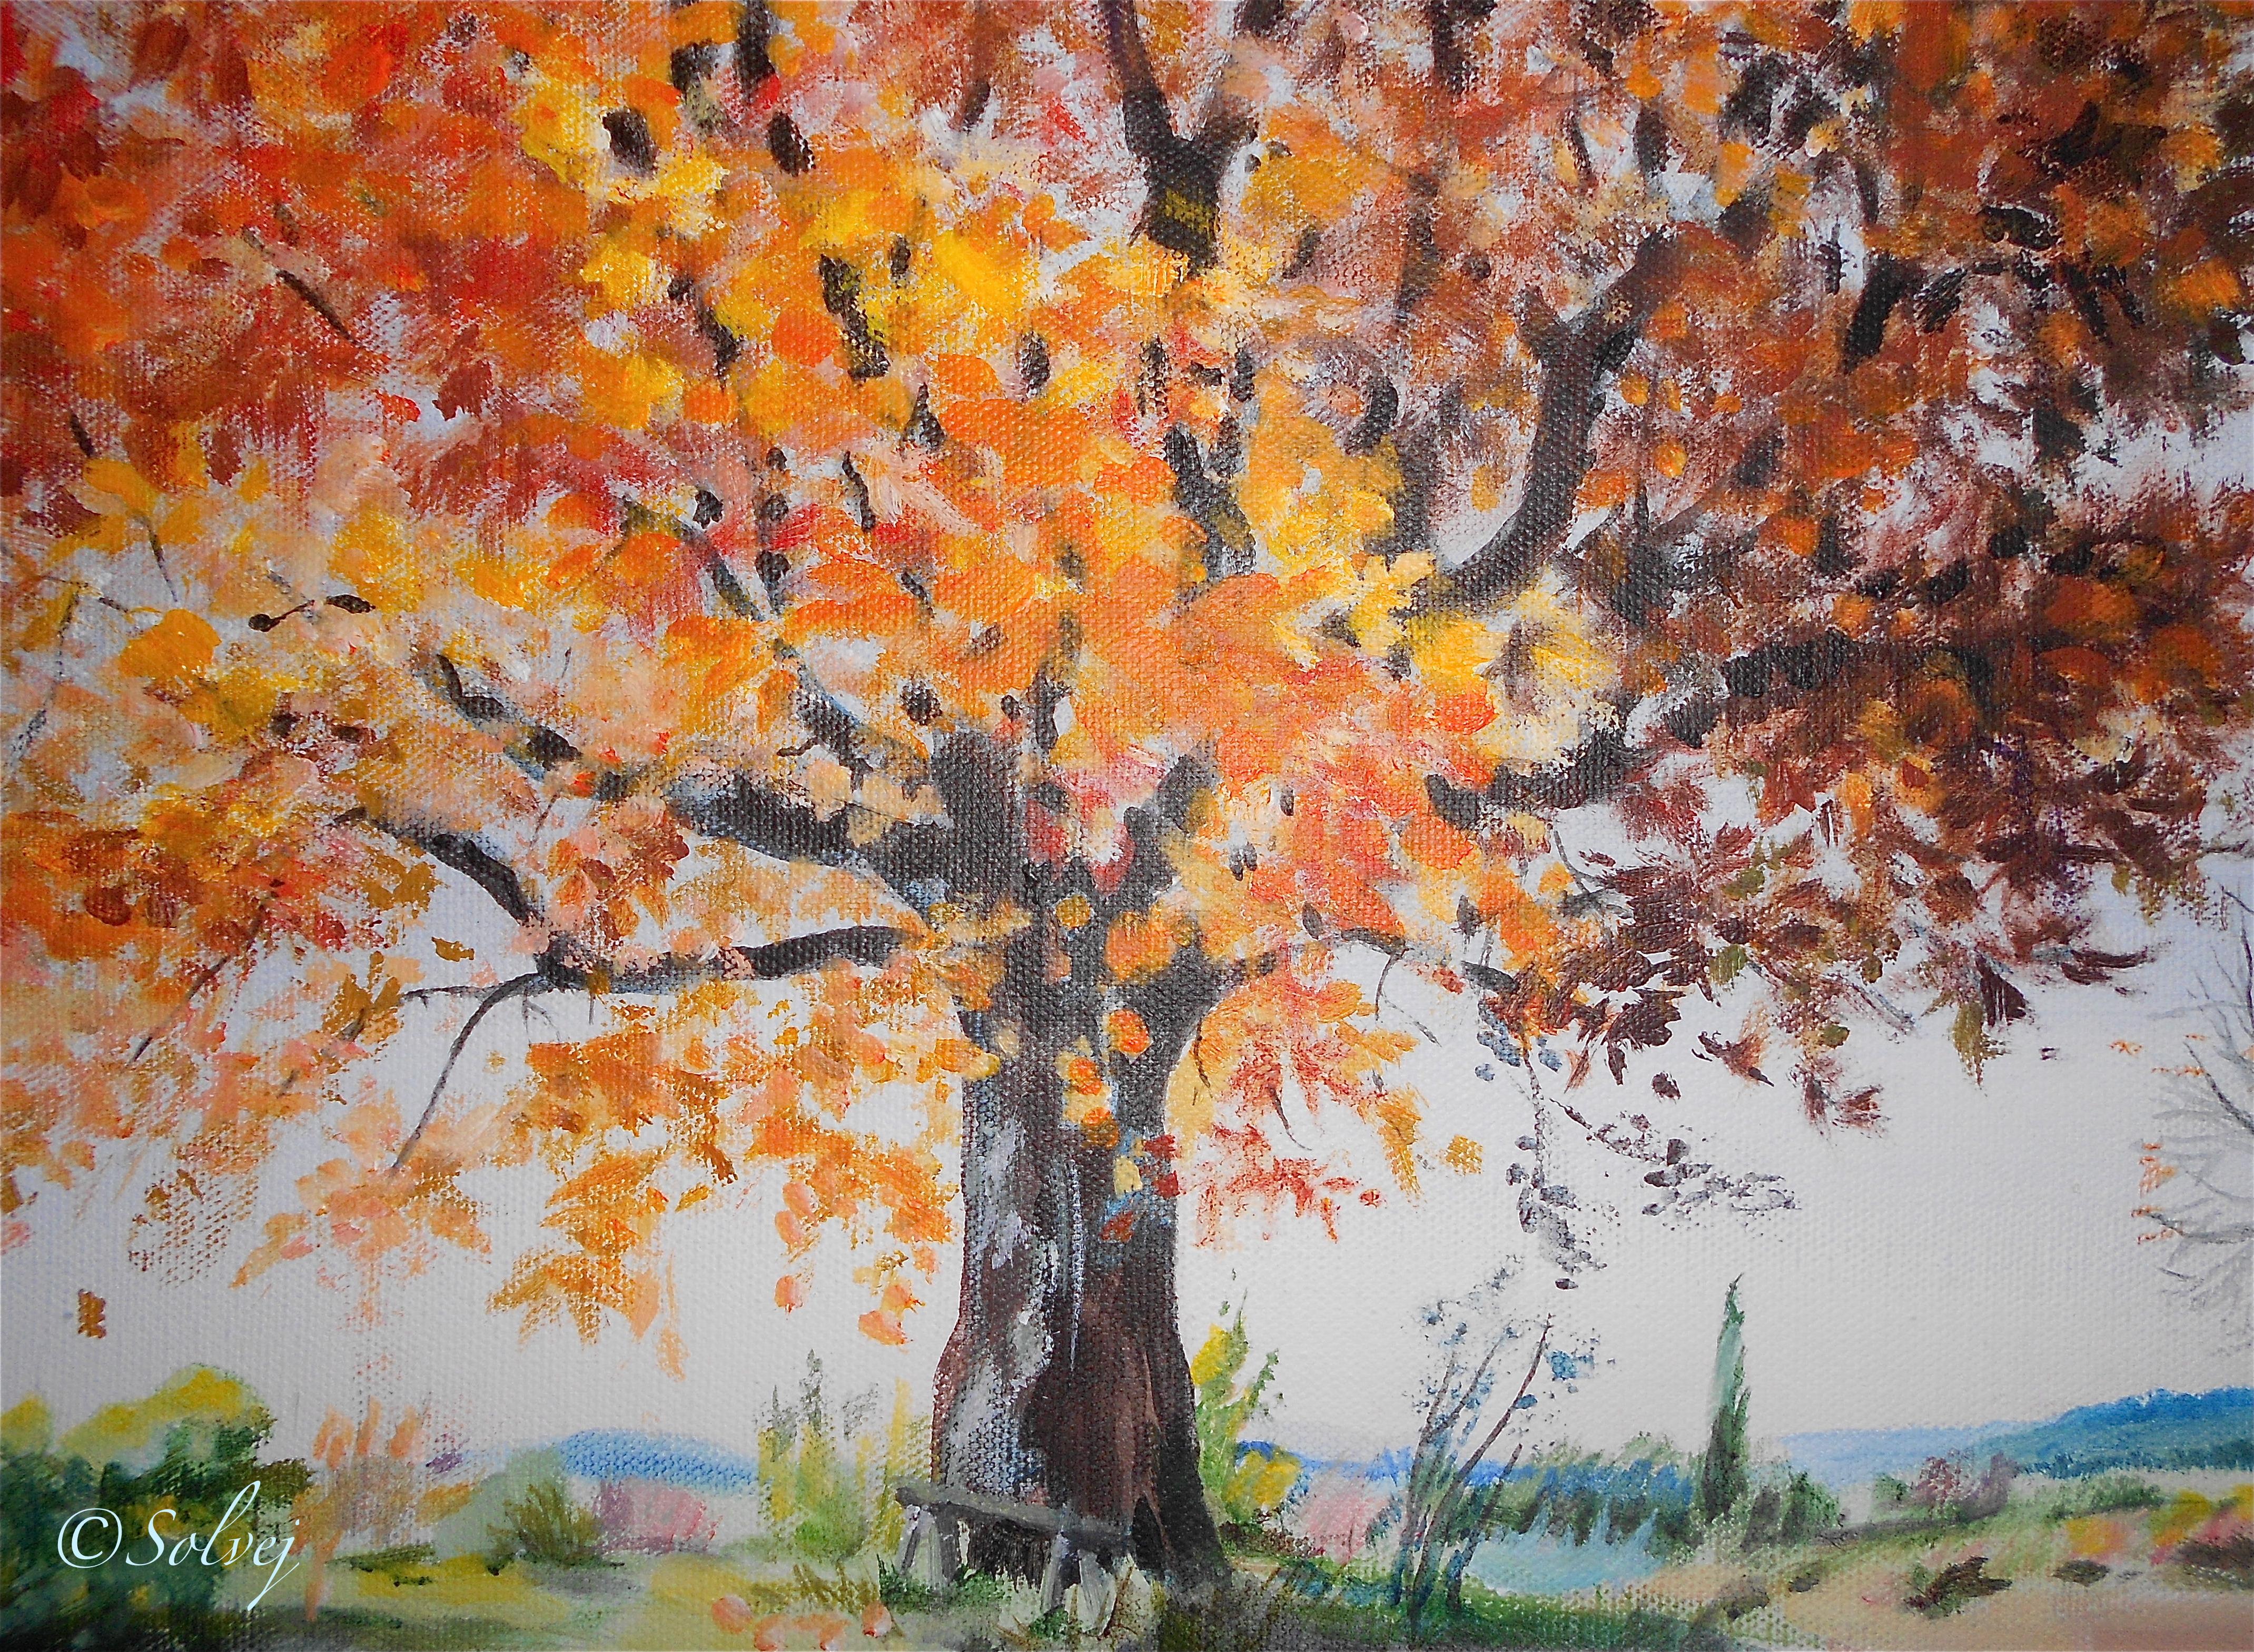 le platane 4, automne 583